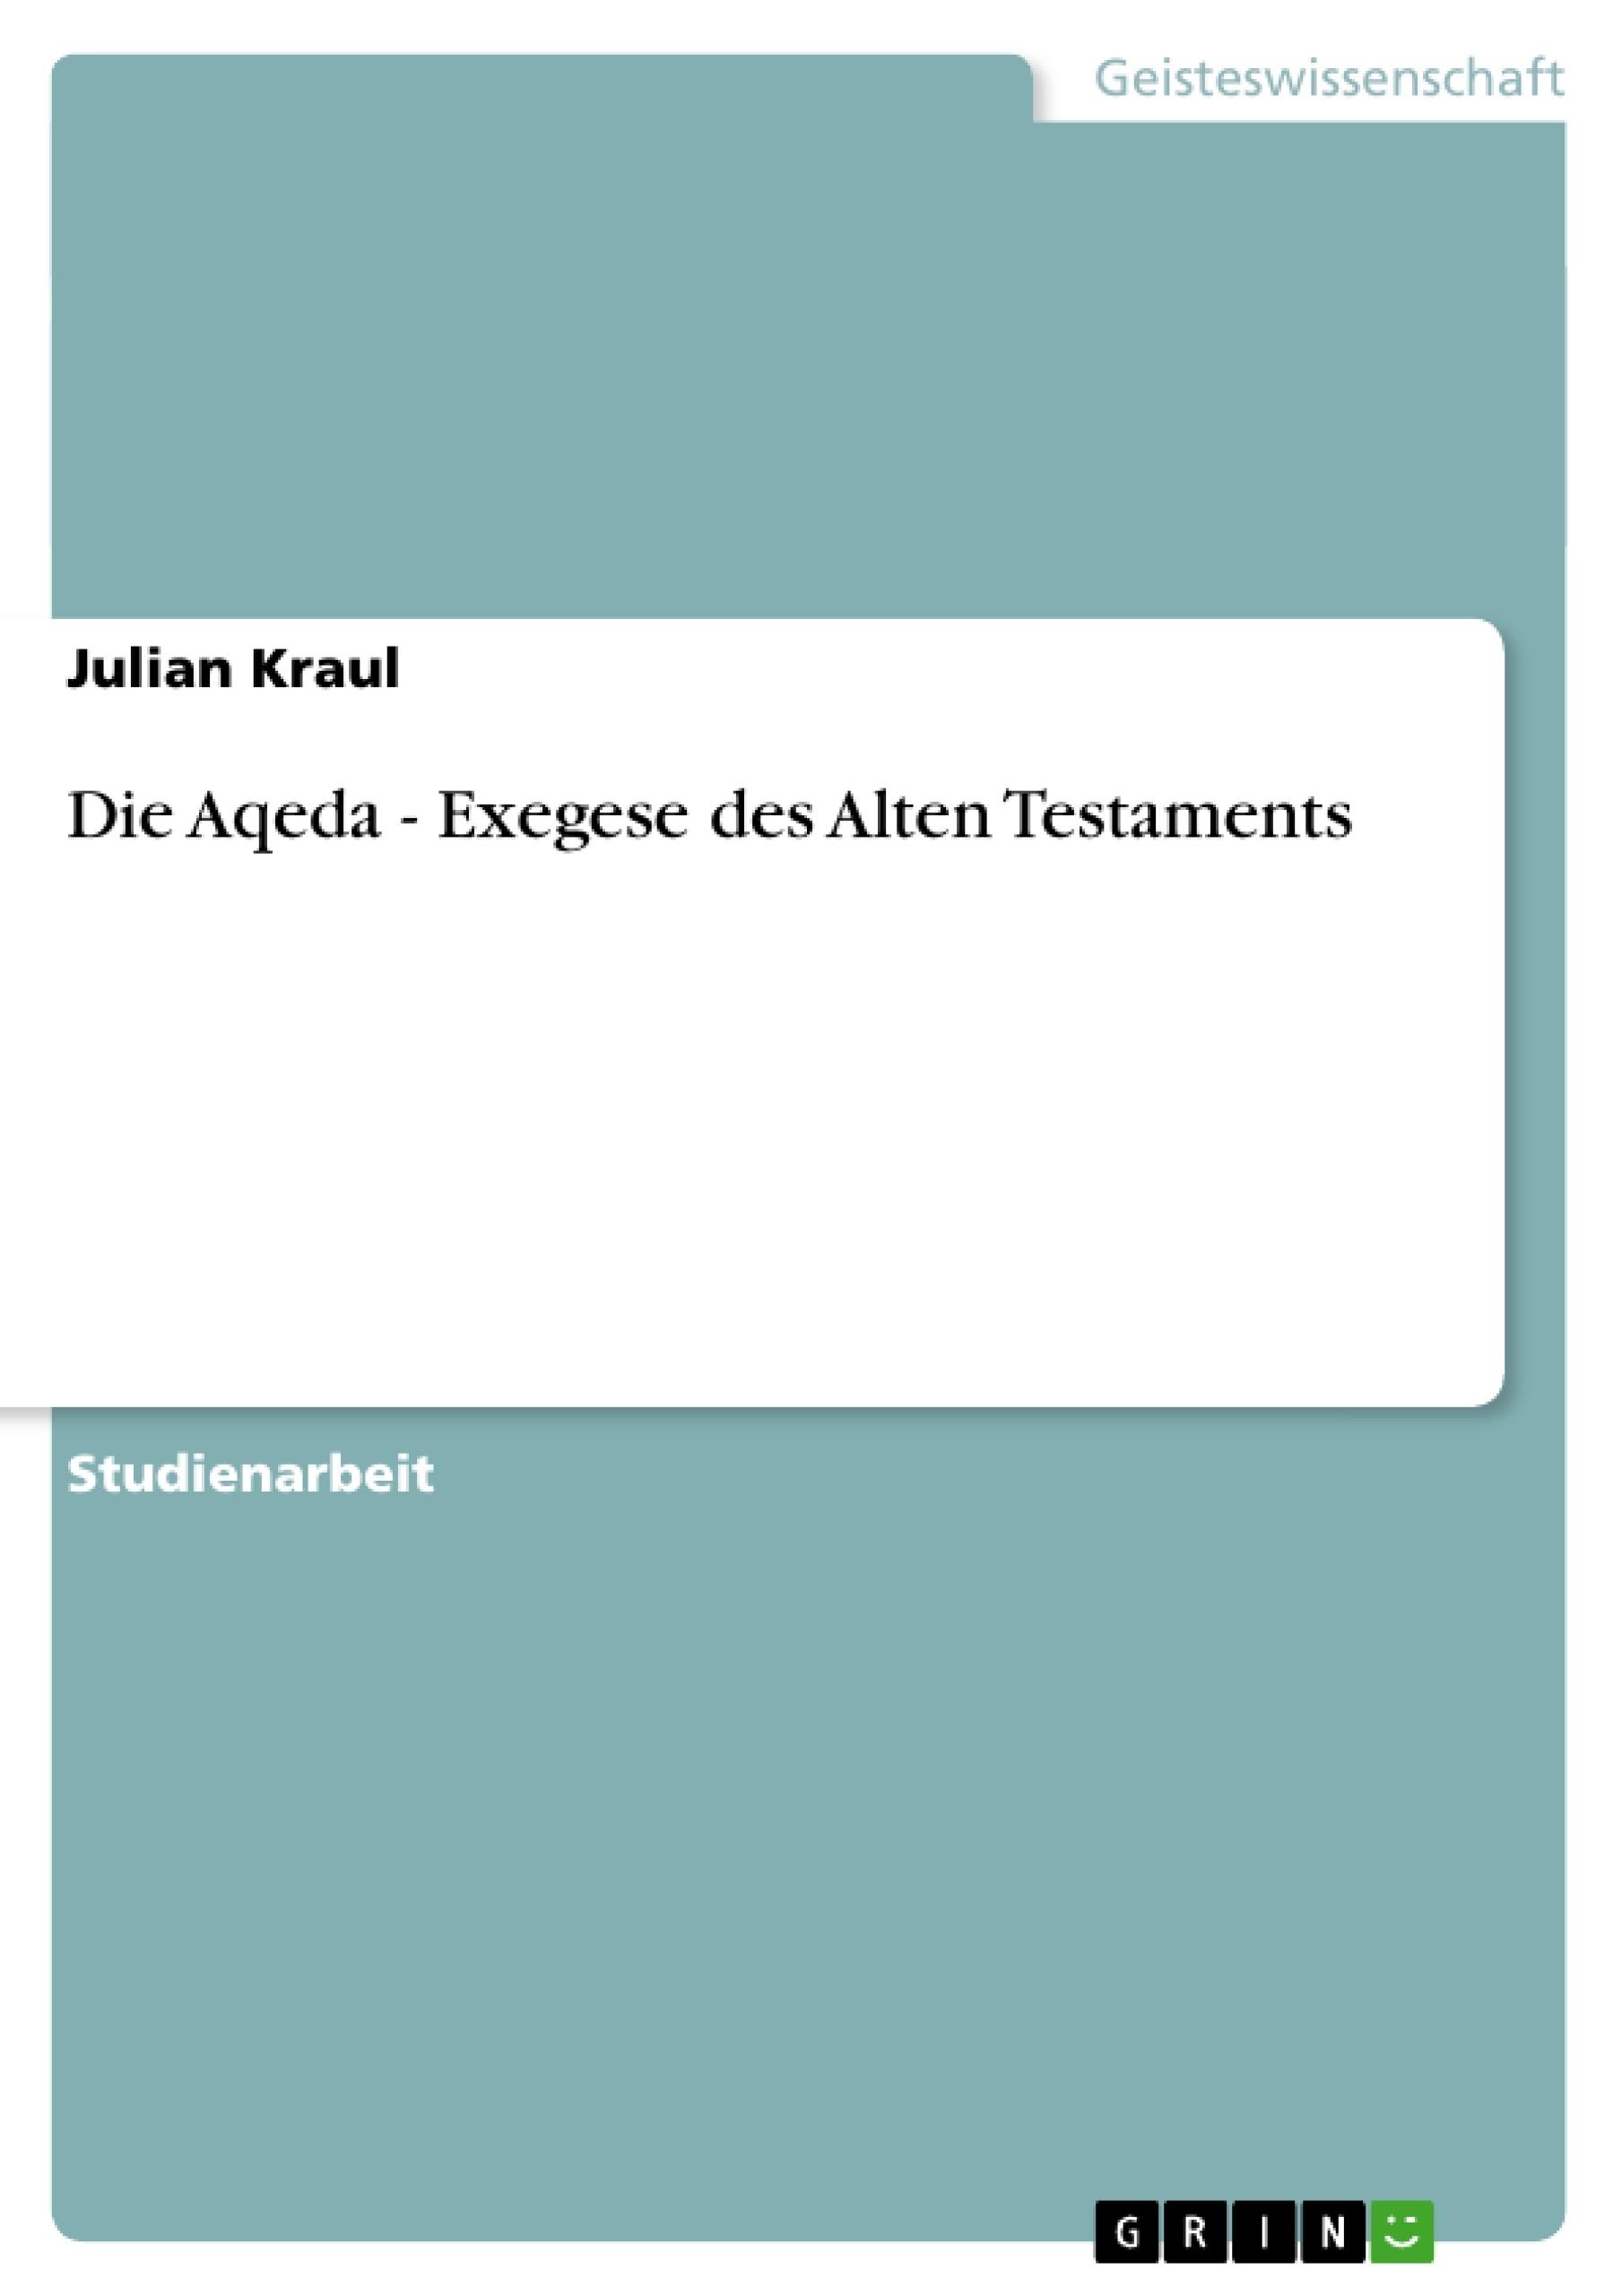 Titel: Die Aqeda - Exegese des Alten Testaments